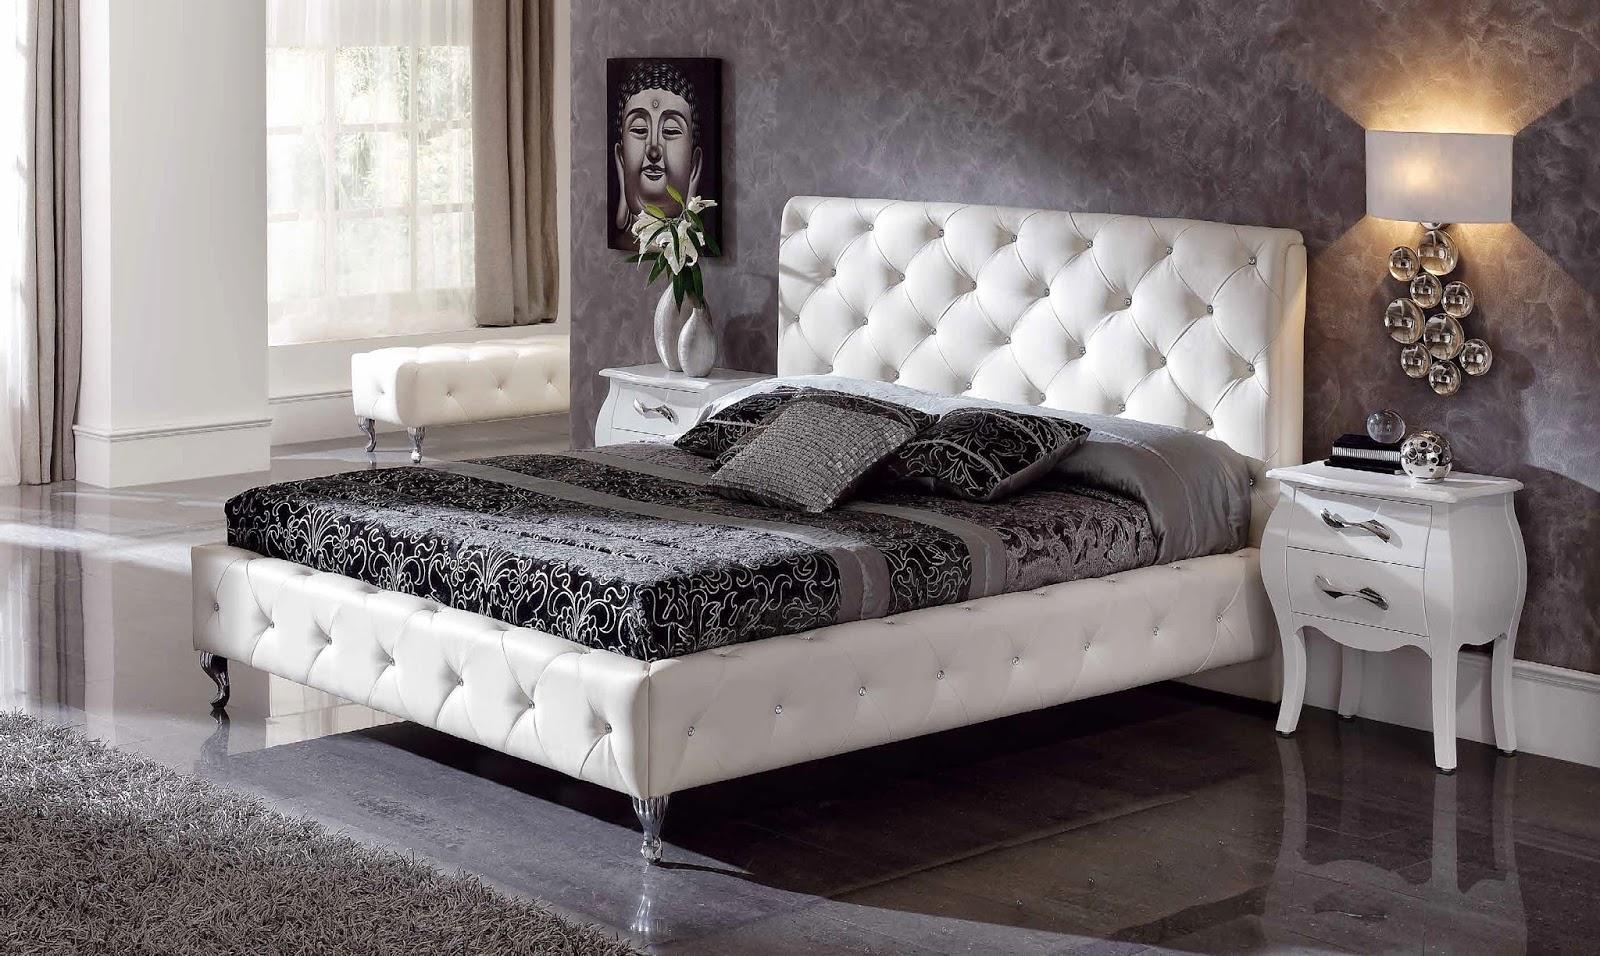 jugando con los textiles del cabecero tapizado y del resto del dormitorio puedes hacer una composicin creativa que aporte dinamismo y vitalidad